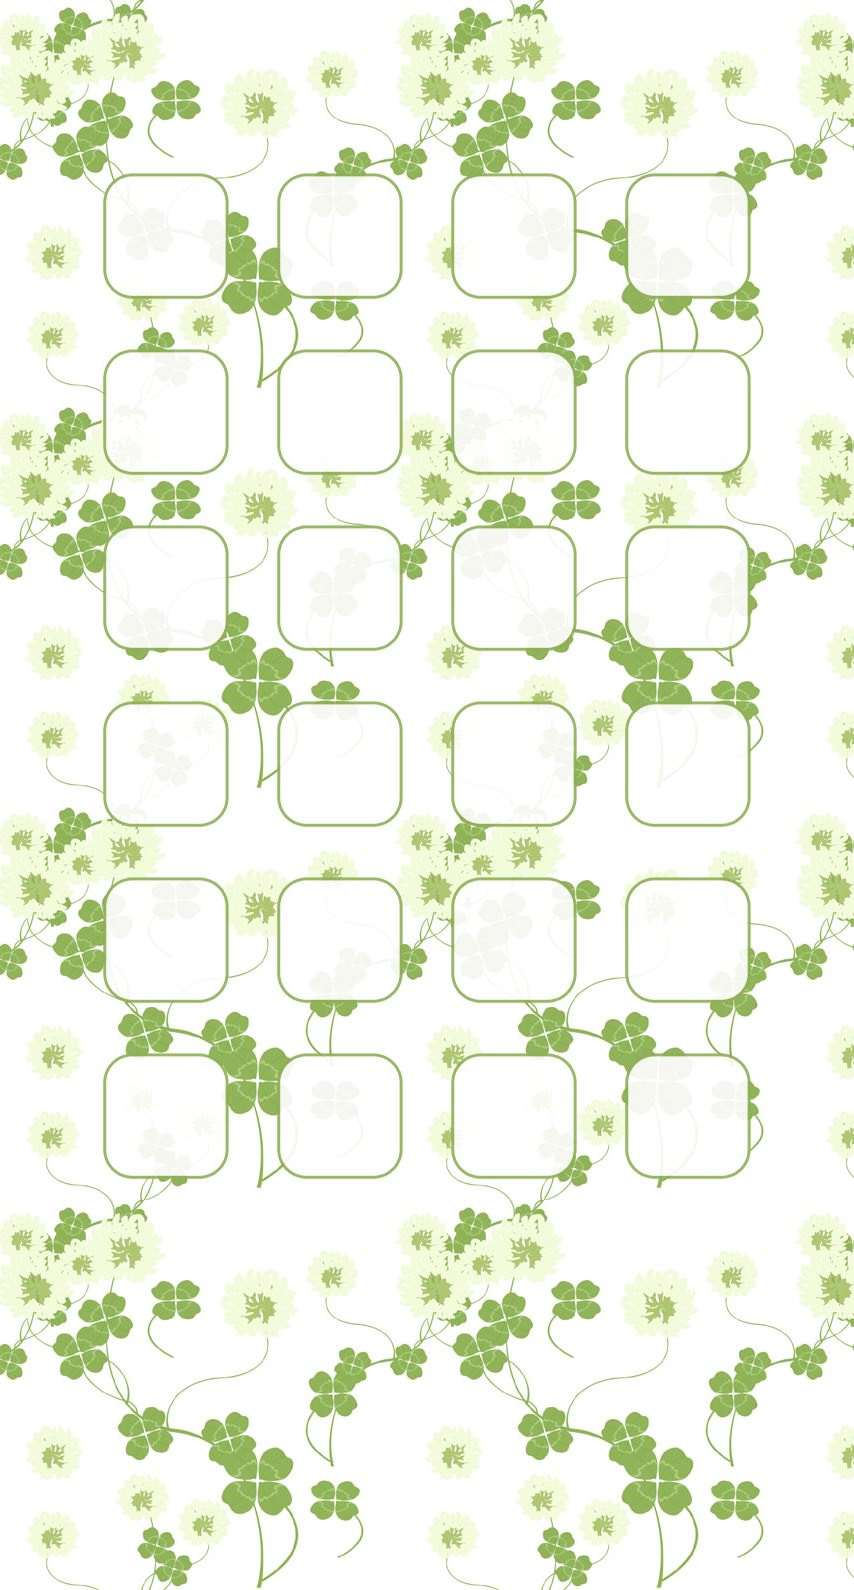 模様イラストクローバー緑白棚の iPhone6s / iPhone6 壁紙